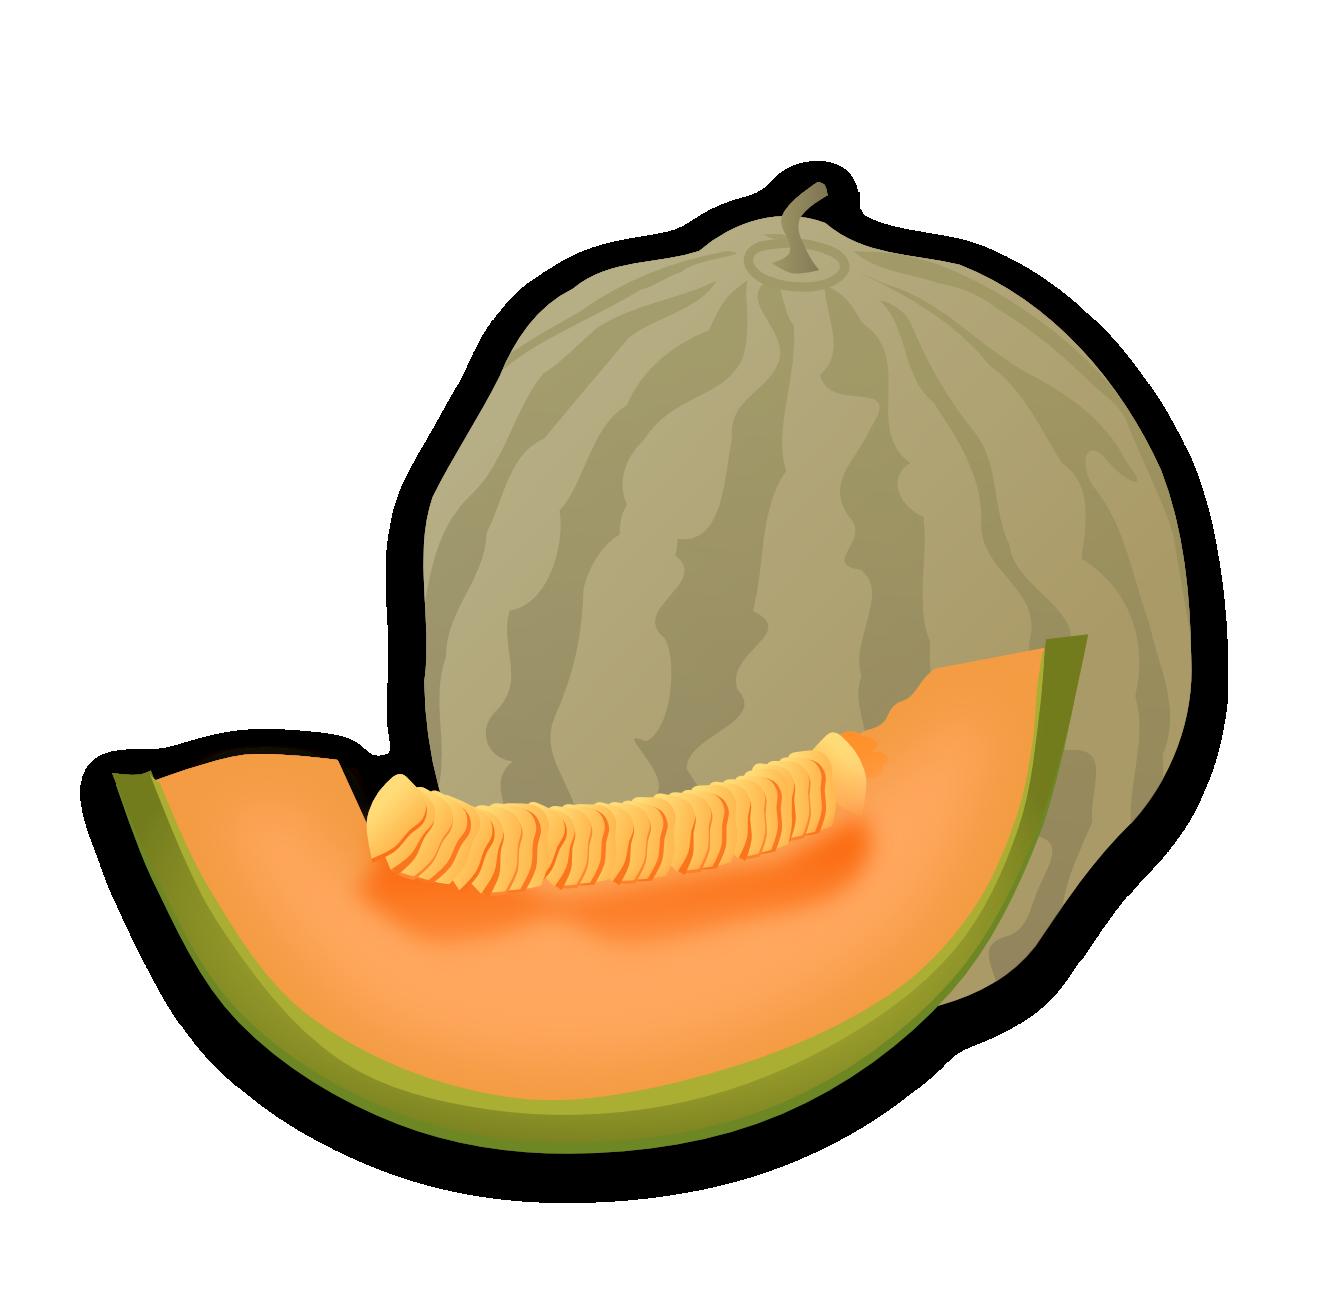 Design clipart watermelon. Melon panda free images